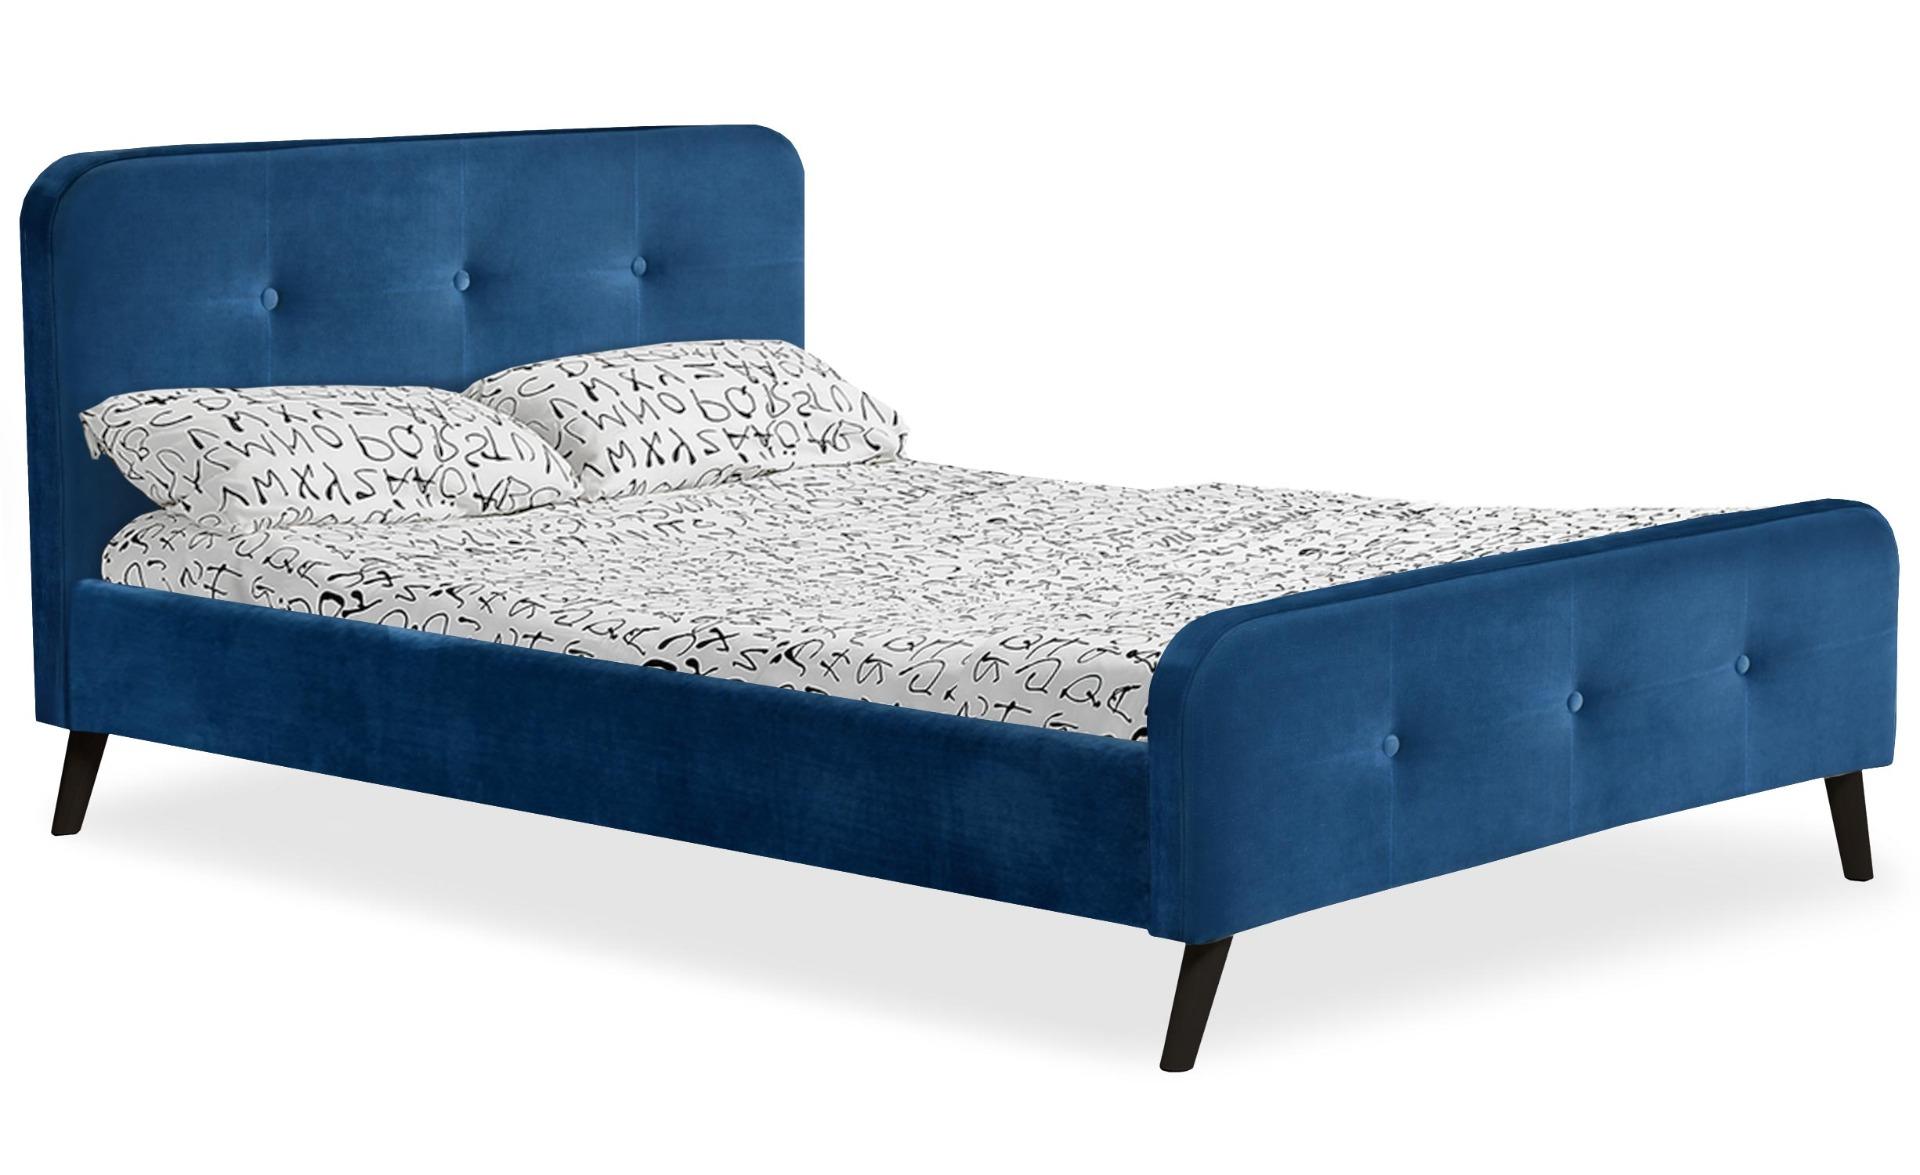 Lit scandinave avec tête de lit et sommier 140 x 190cm Delano Velours Bleu